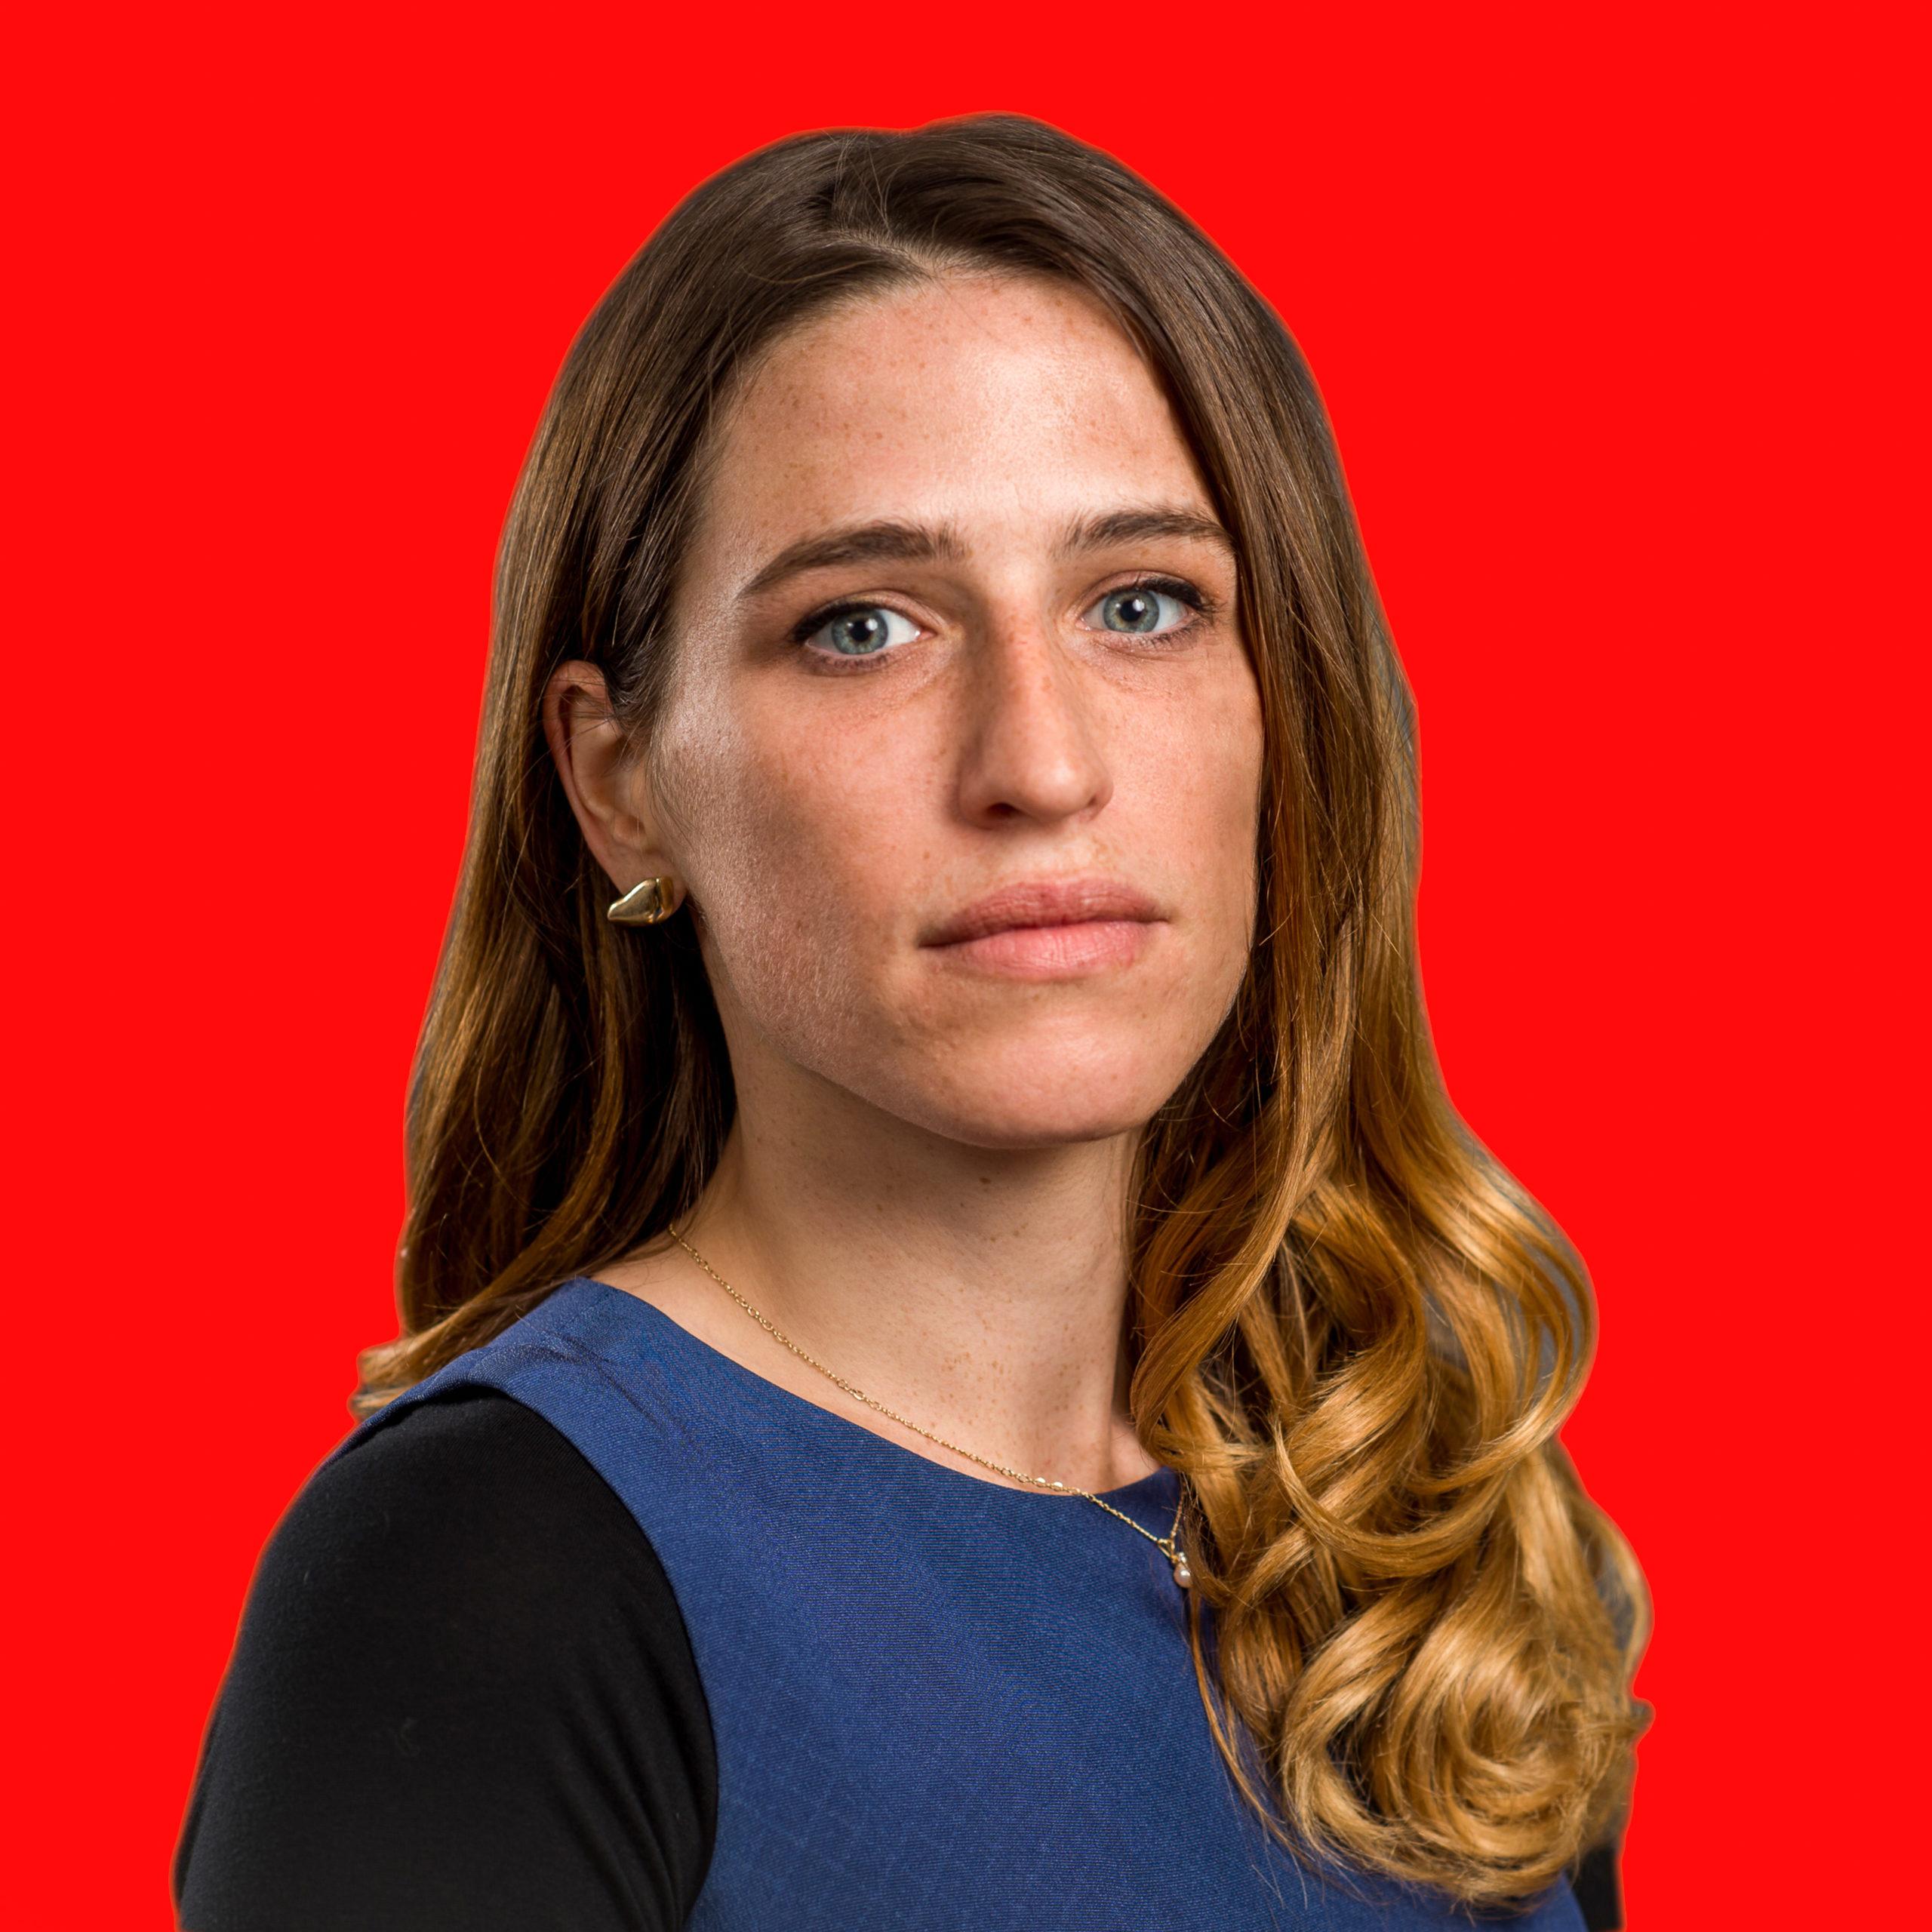 Claire McHale